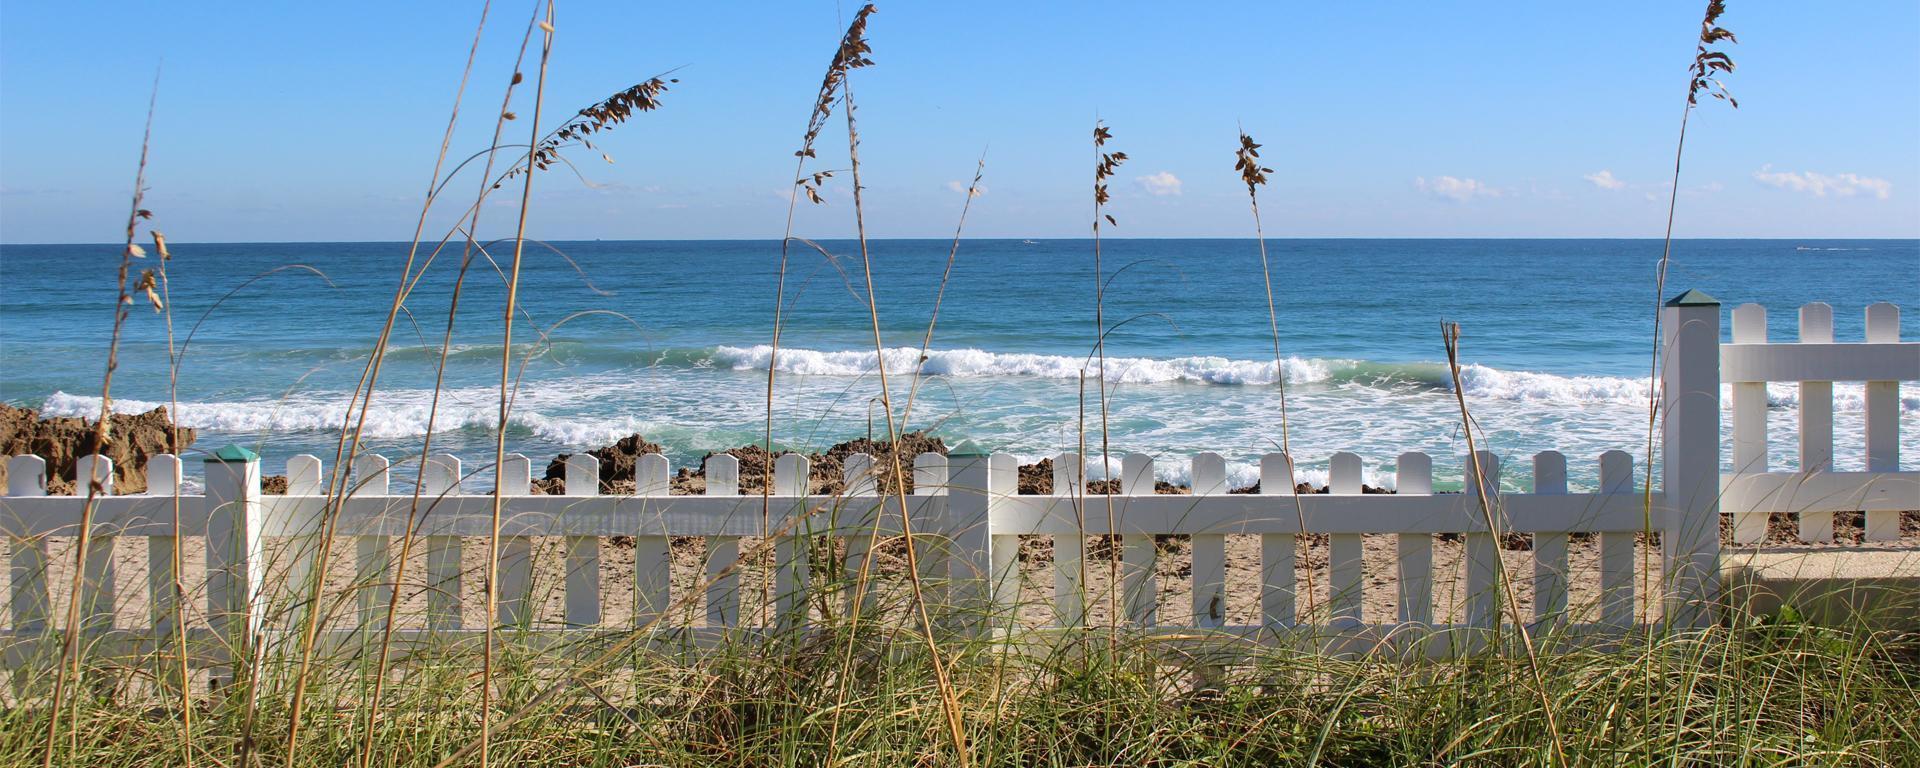 Beaches In Martin County Martin County Florida